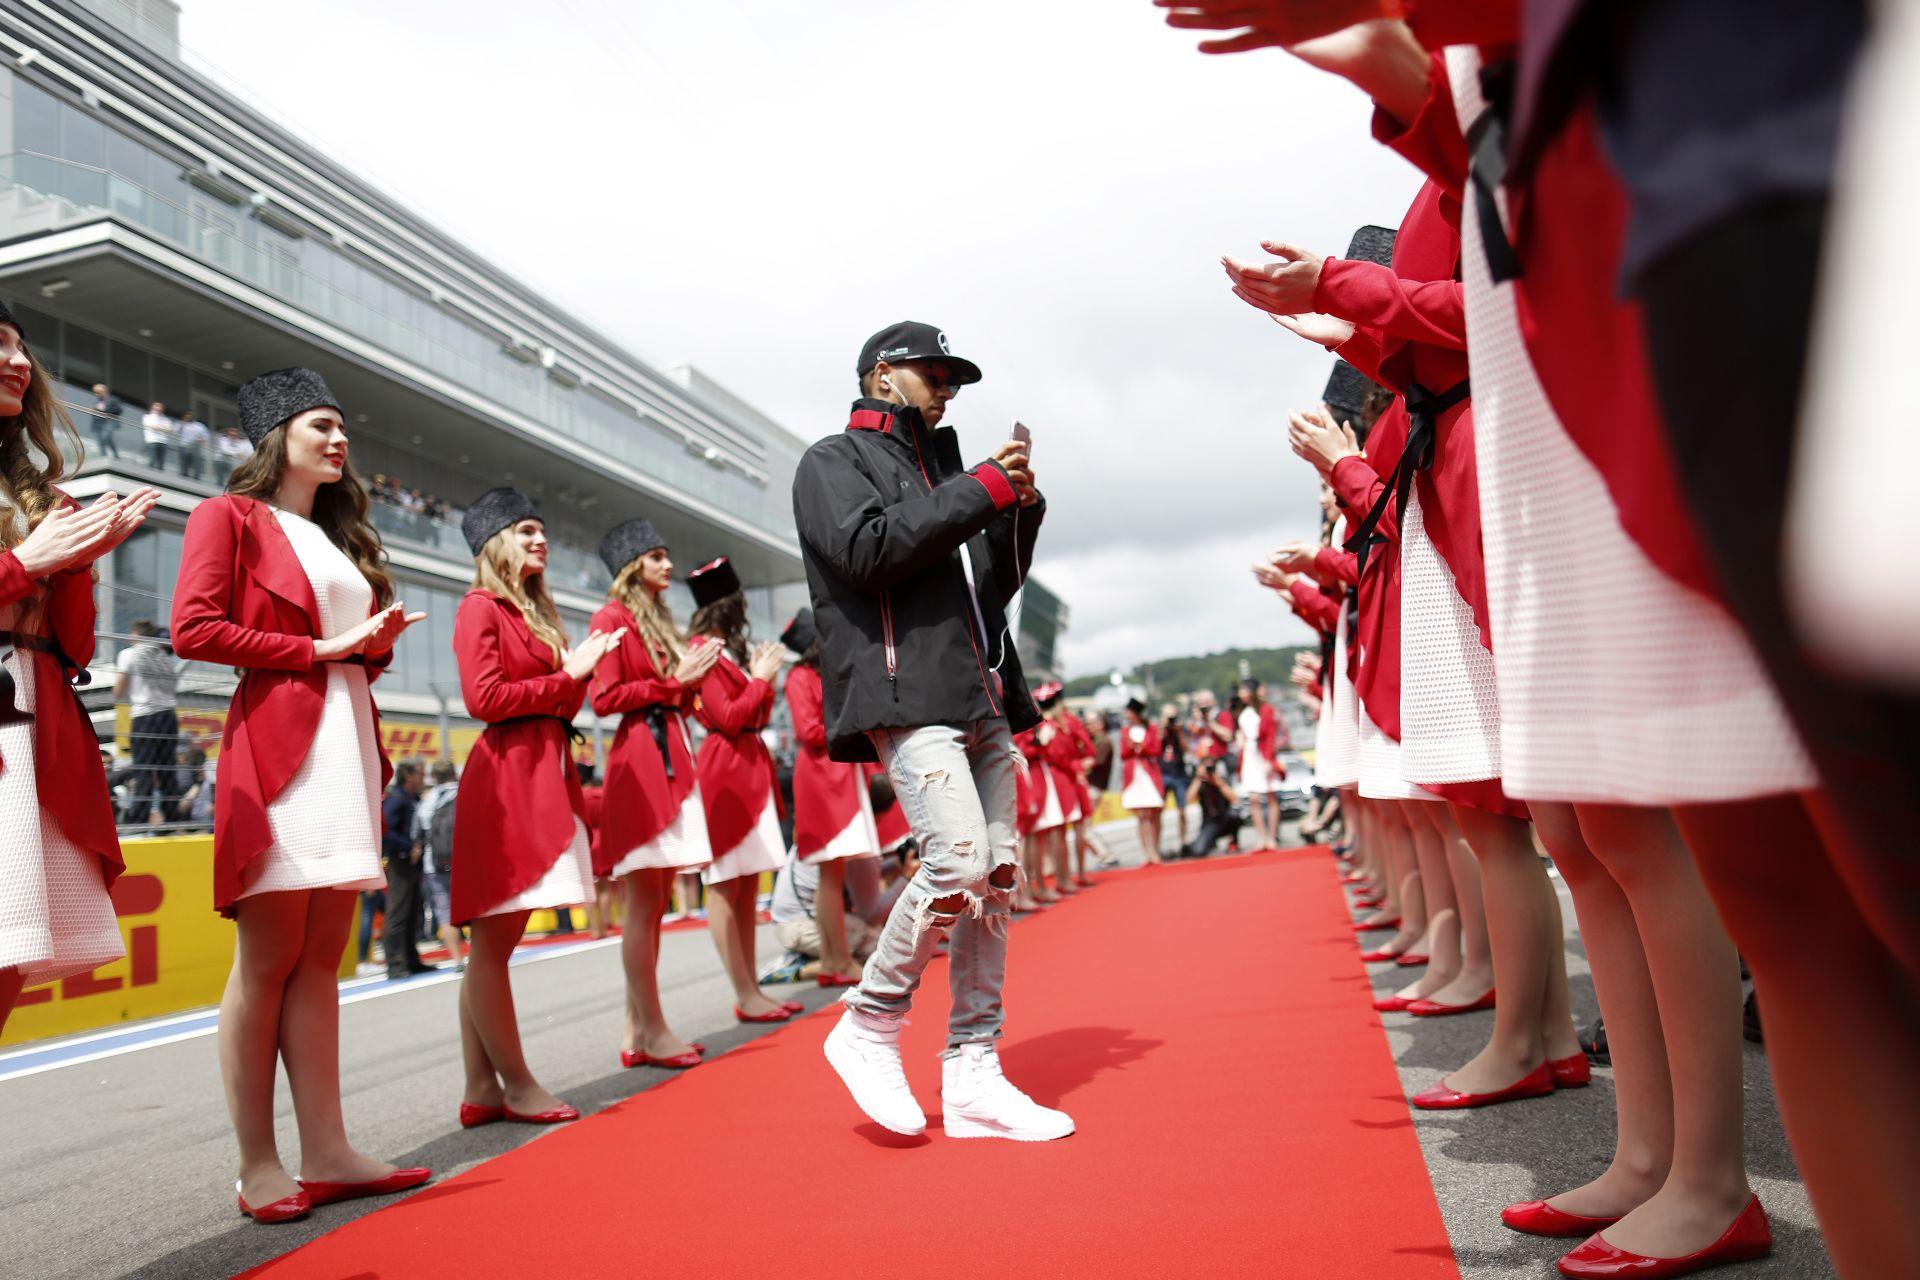 Ecclestone szerint Hamilton lesz a bajnok, míg Villeneuve úgy látja, már nem igazán fontos neki a siker